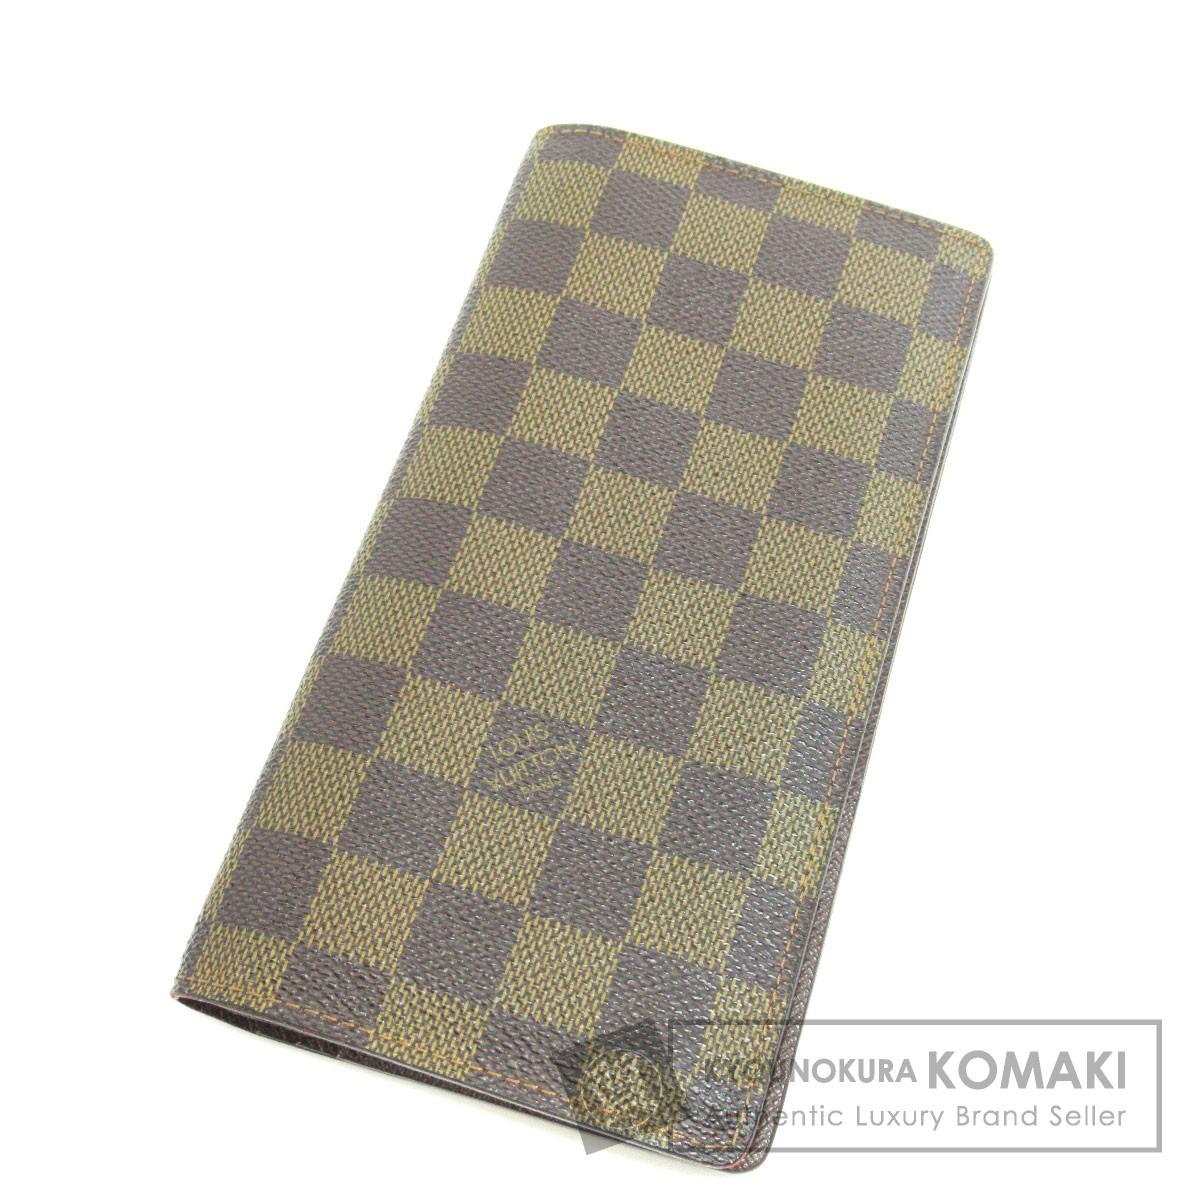 bf777164a138 LOUIS VUITTON N60017 ポルトフォイユ・ブラザ 長財布(小銭入れあり) ダミエキャンバス ユニ